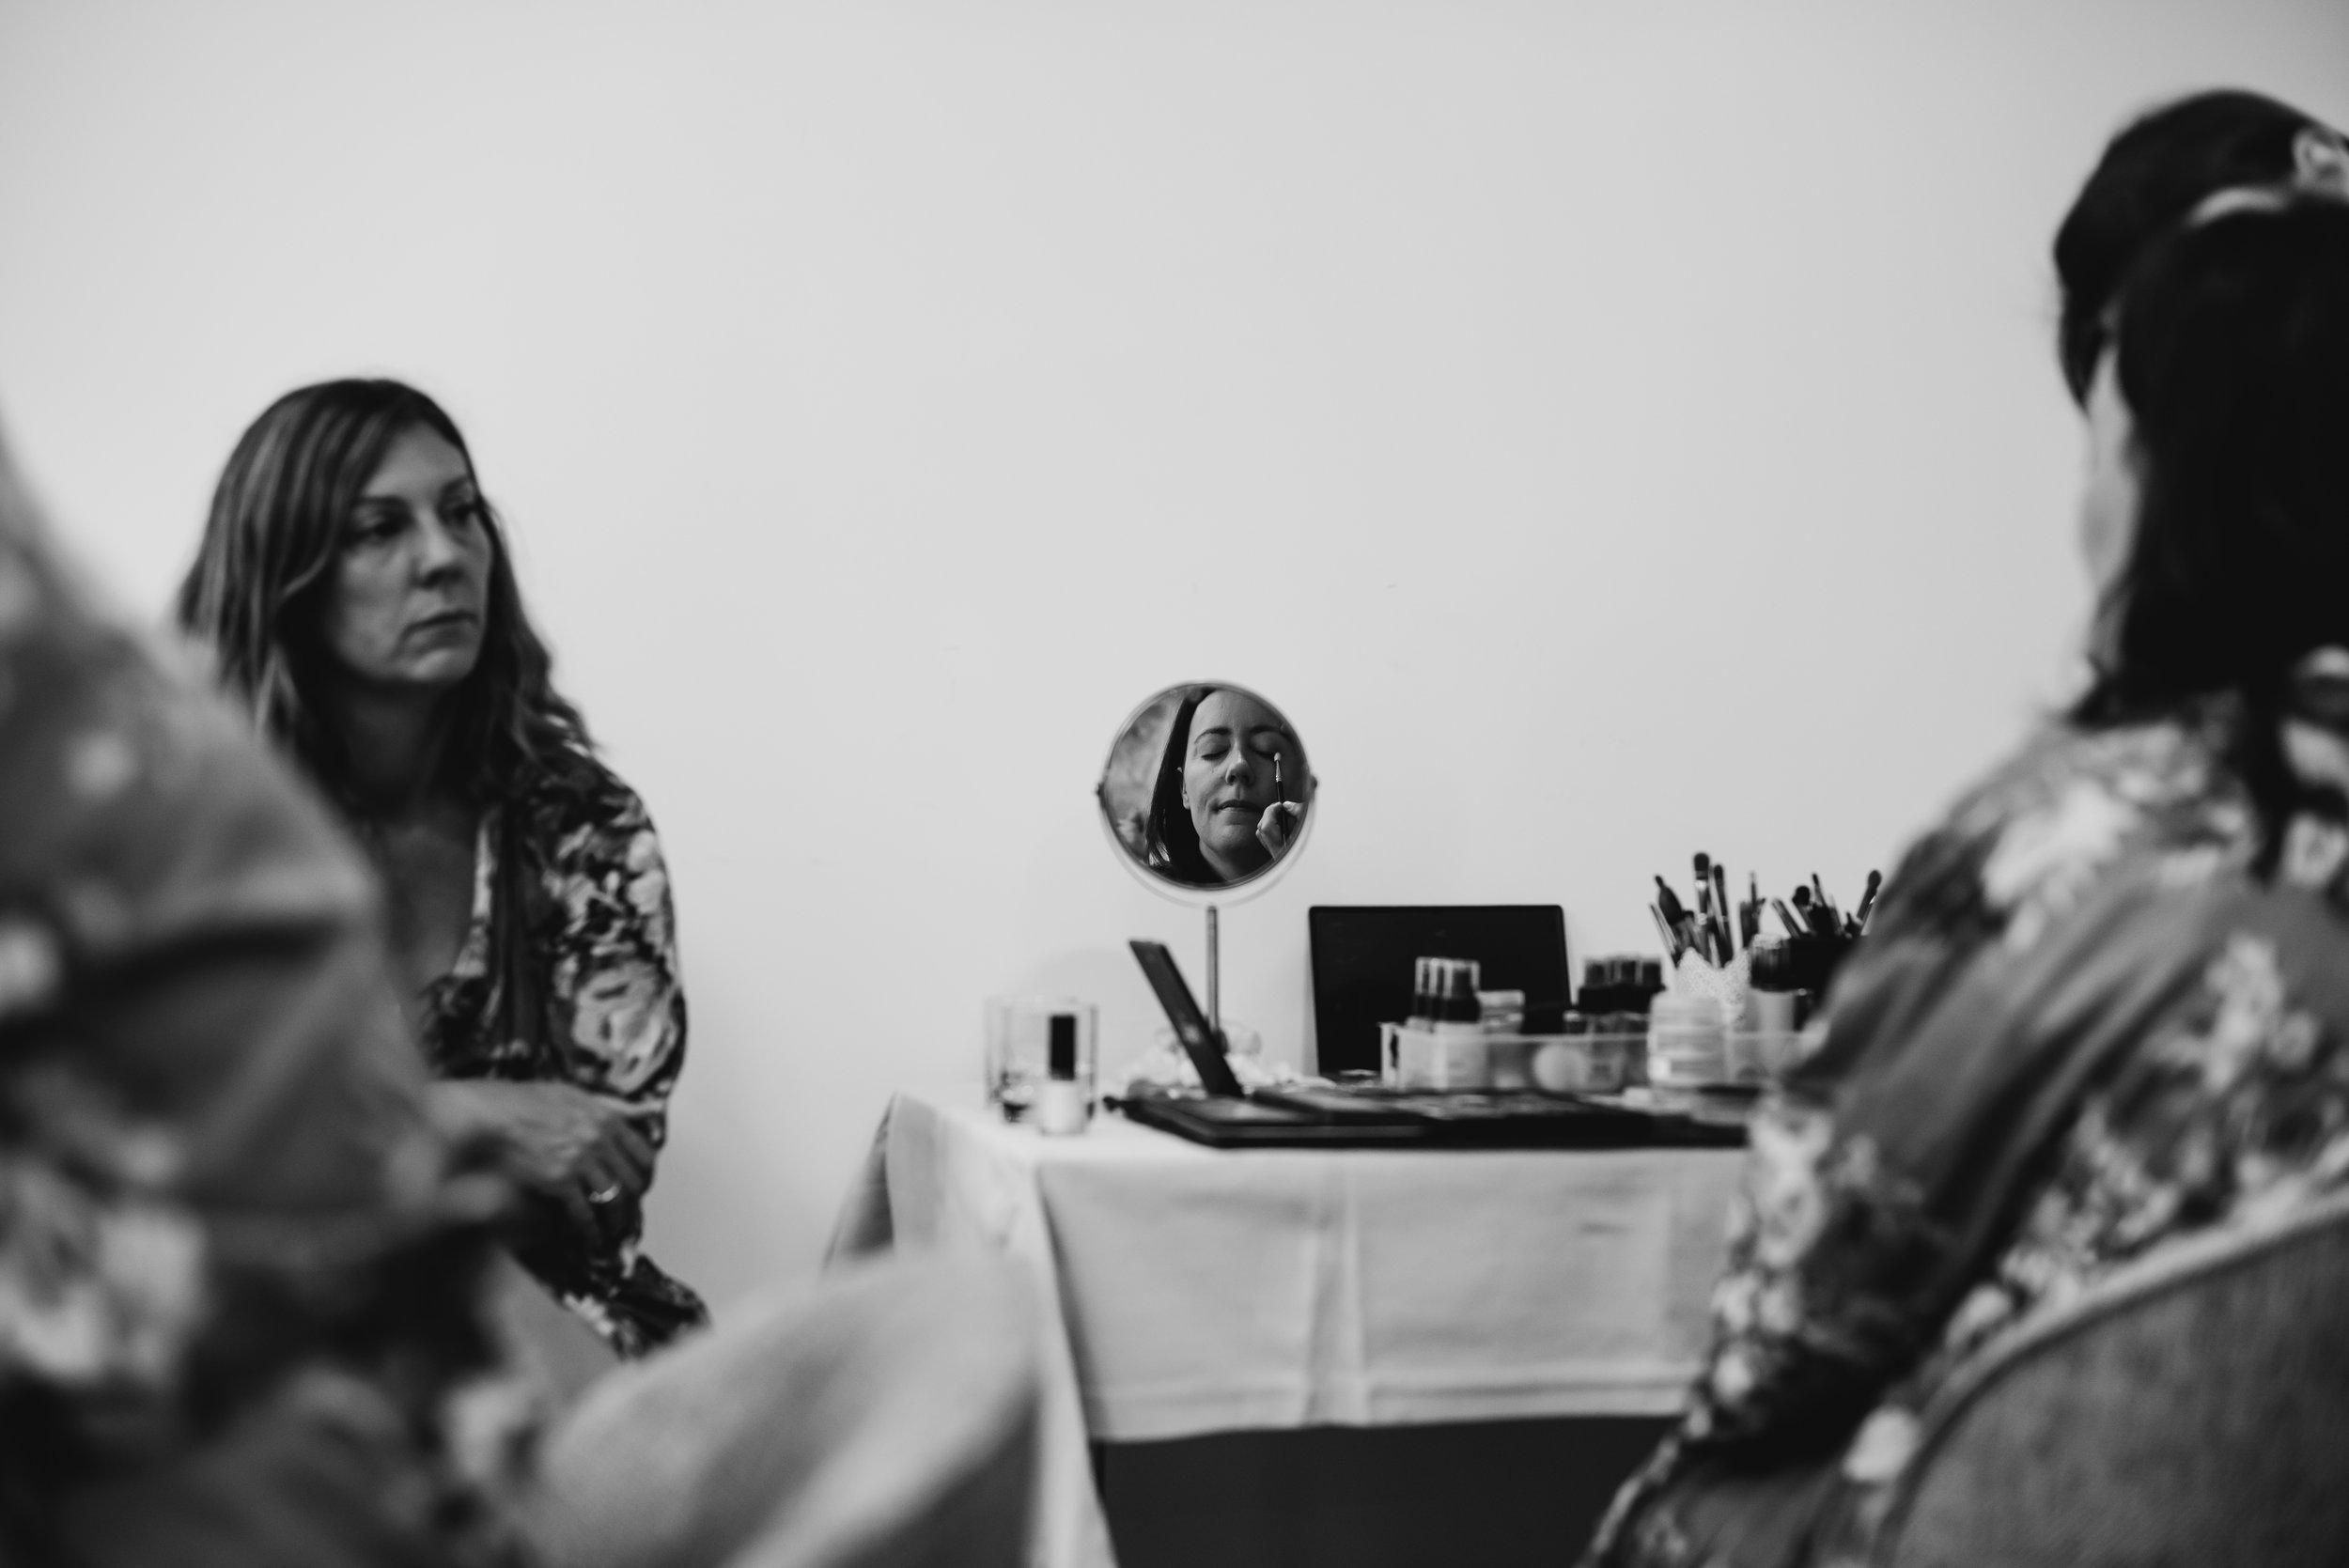 Léa-Fery-photographe-professionnel-lyon-rhone-alpes-portrait-creation-mariage-evenement-evenementiel-famille-9742.jpg